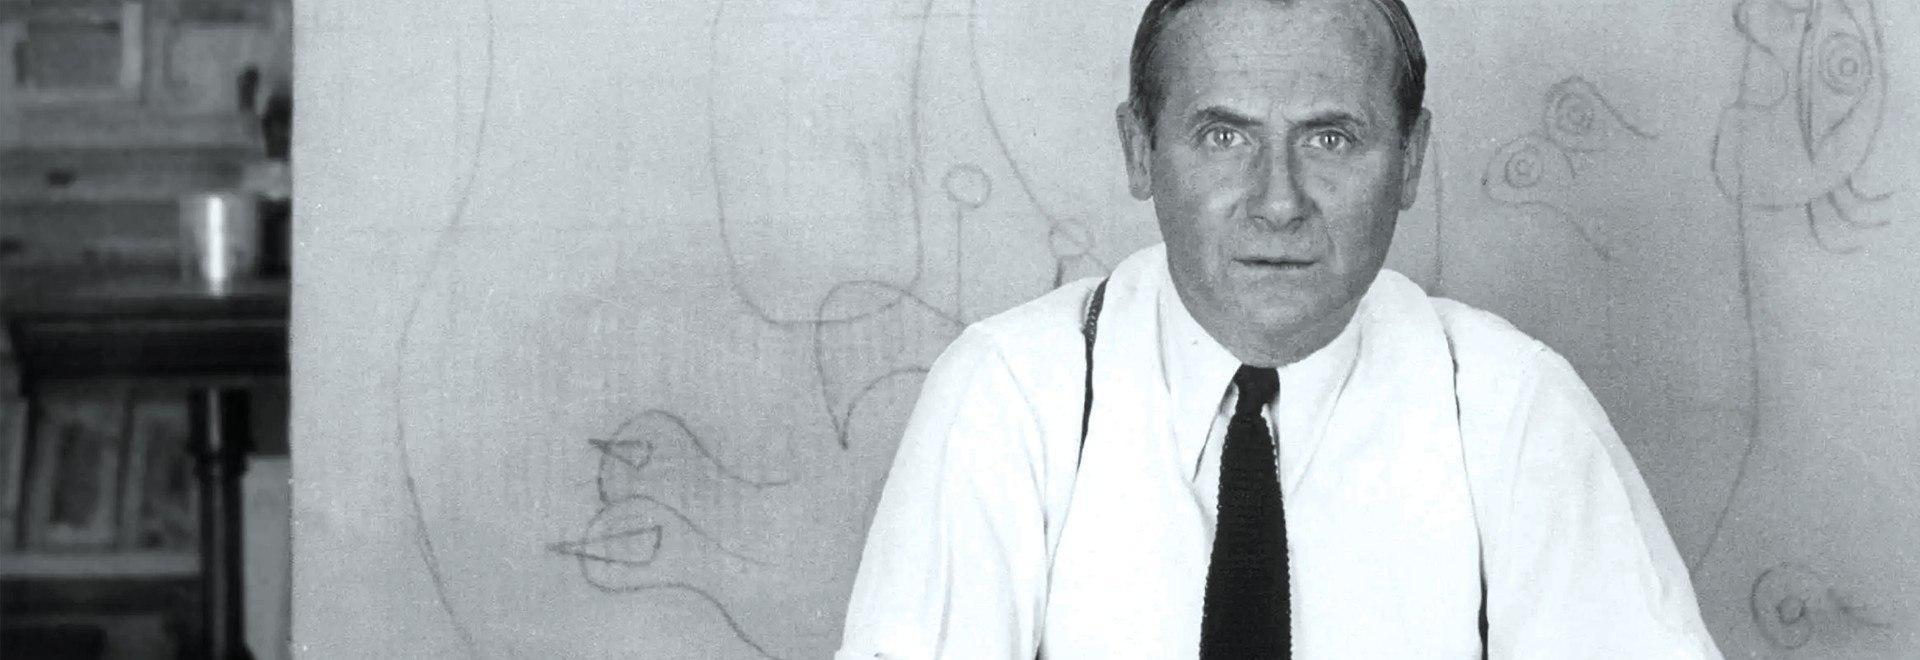 Joan Miró - Il fuoco interiore